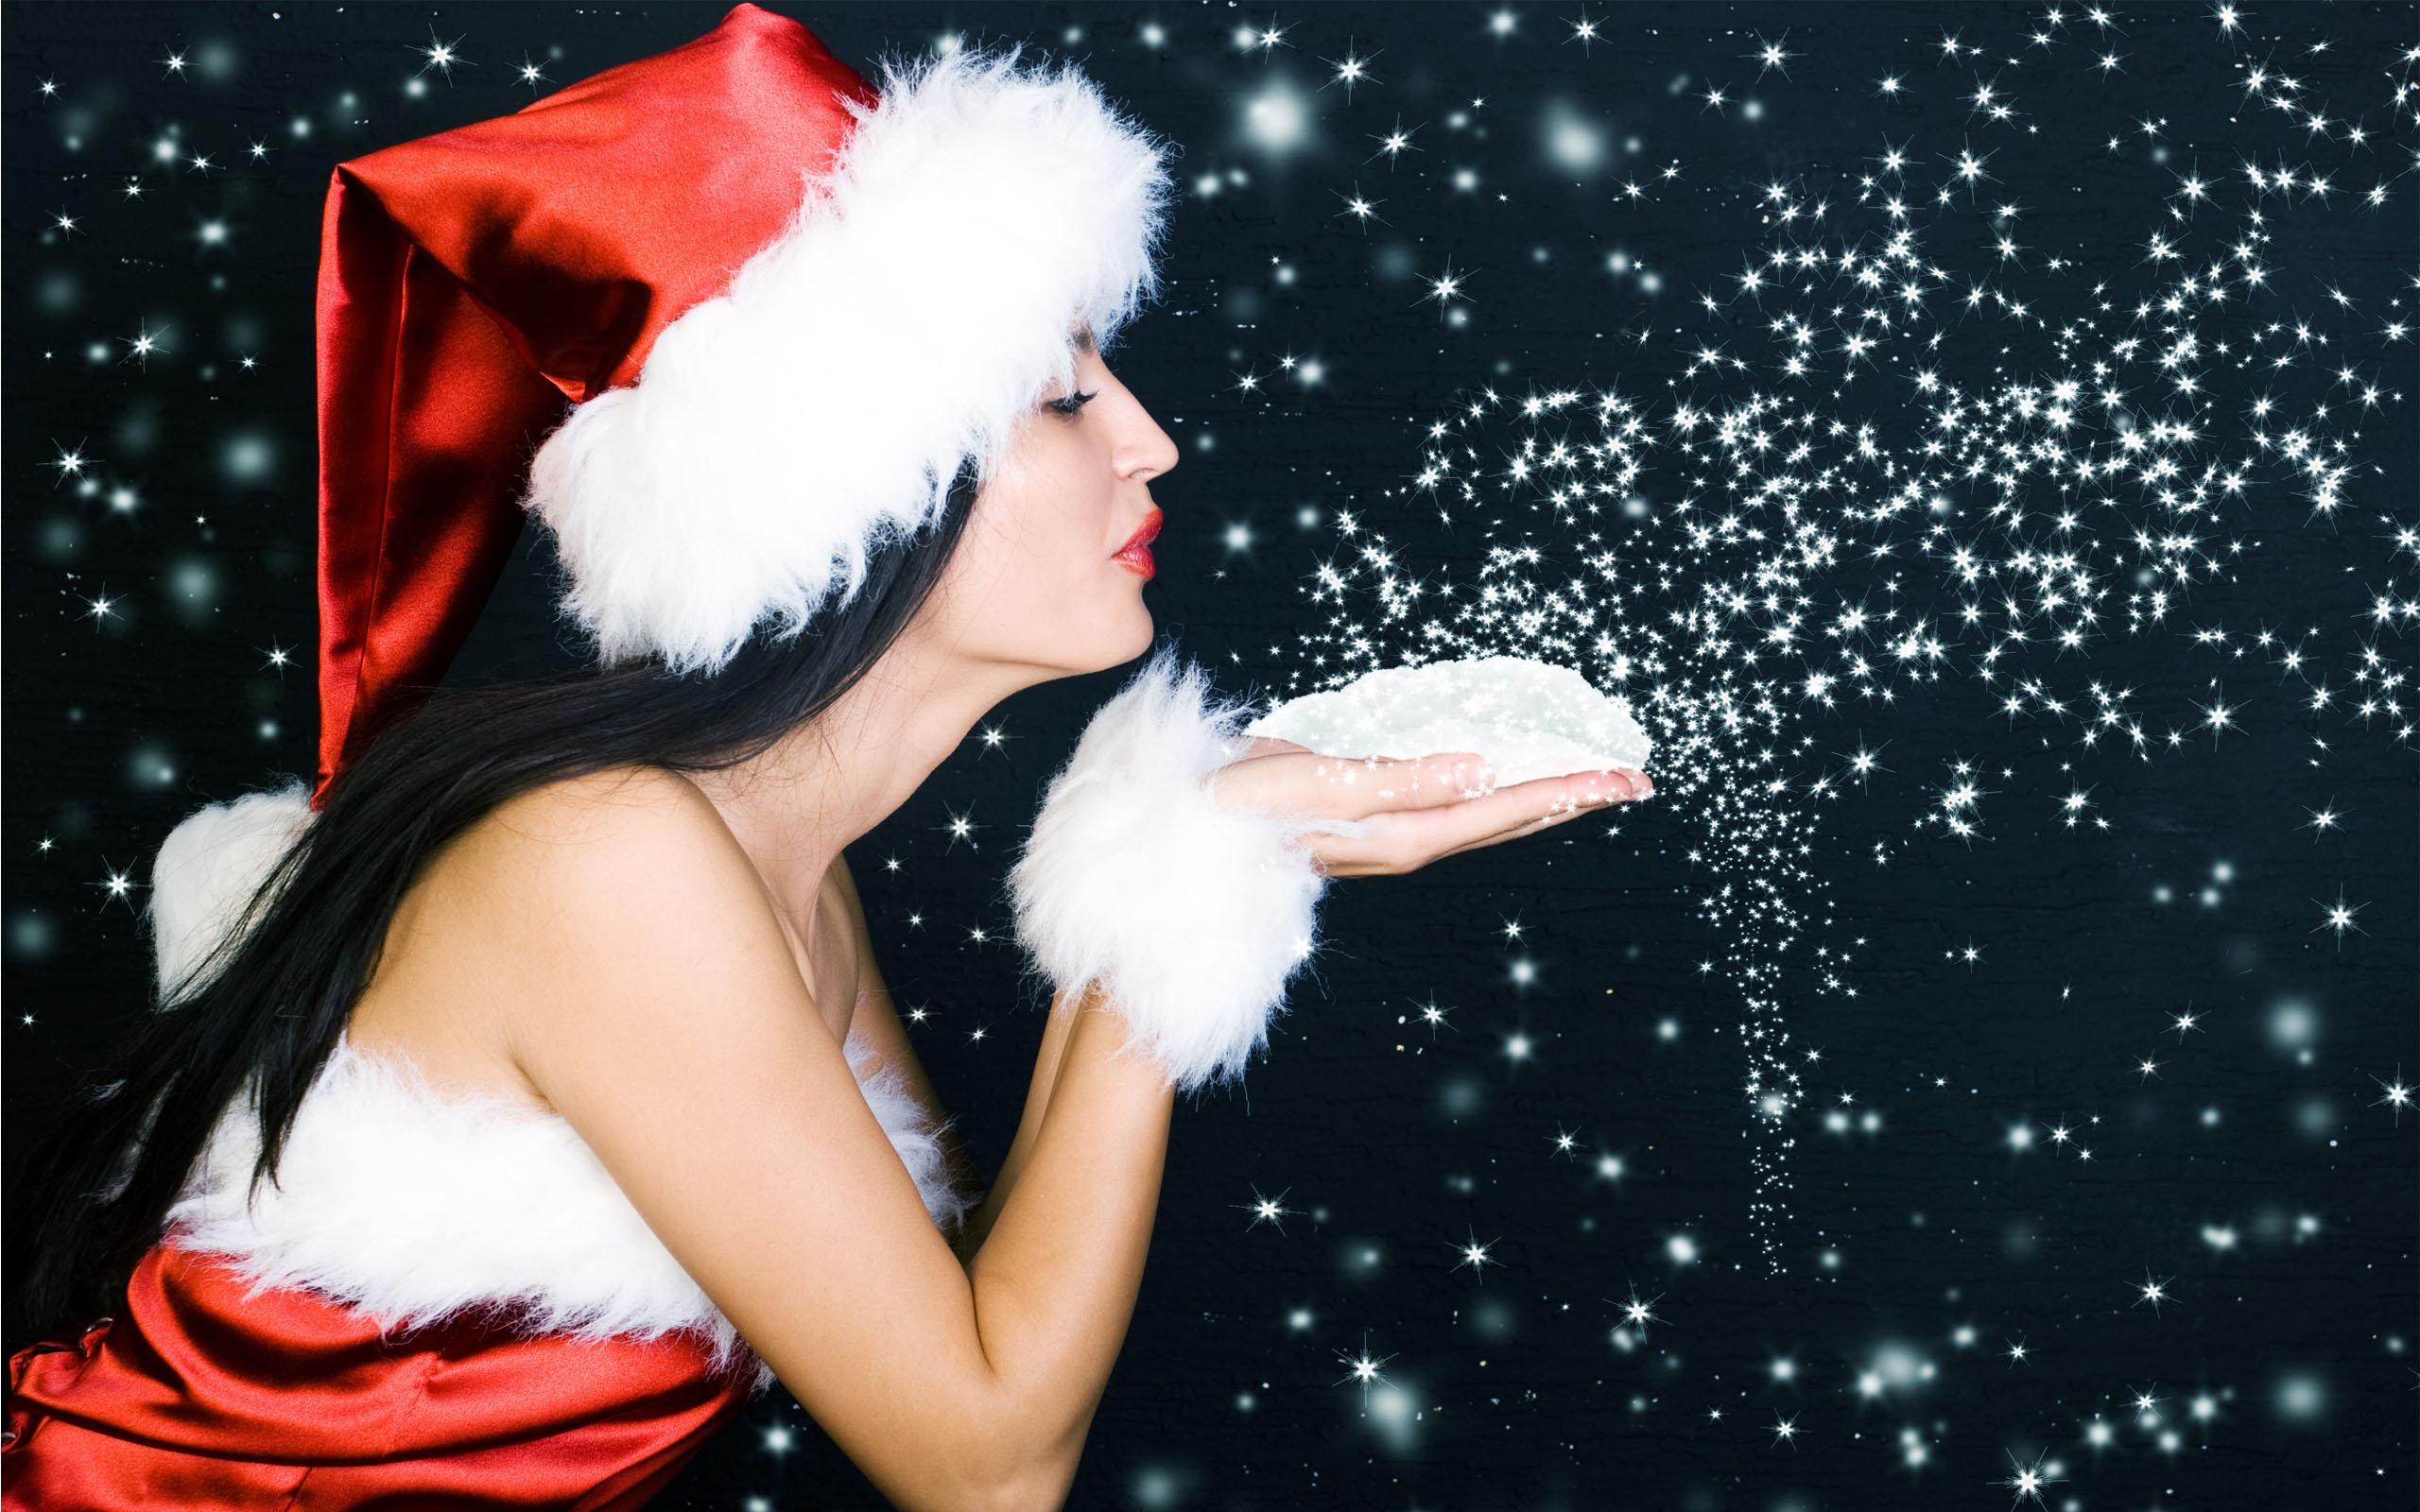 Beautiful Christmas Sanata Babe